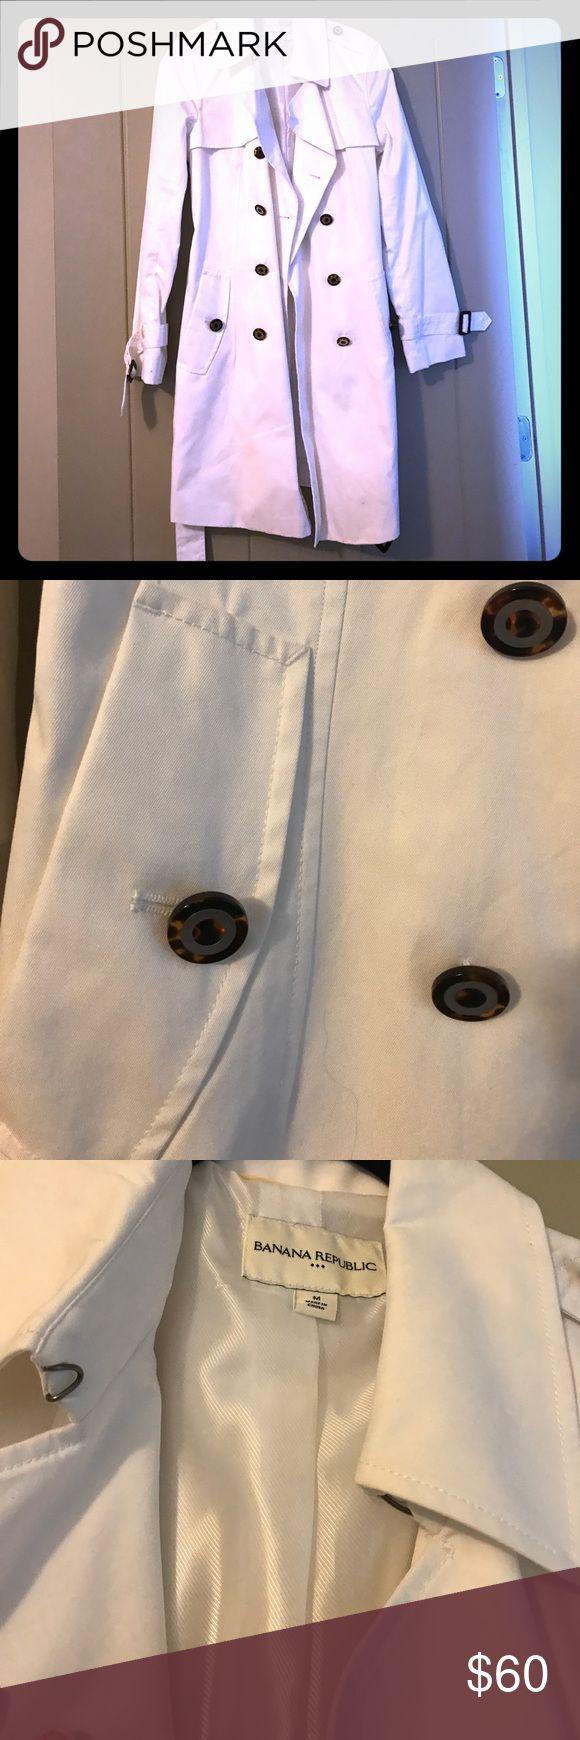 Banana Republic White Trench Coat Banana Republic White Trench Coat. Size M. Banana Republic Jackets & Coats Trench Coats